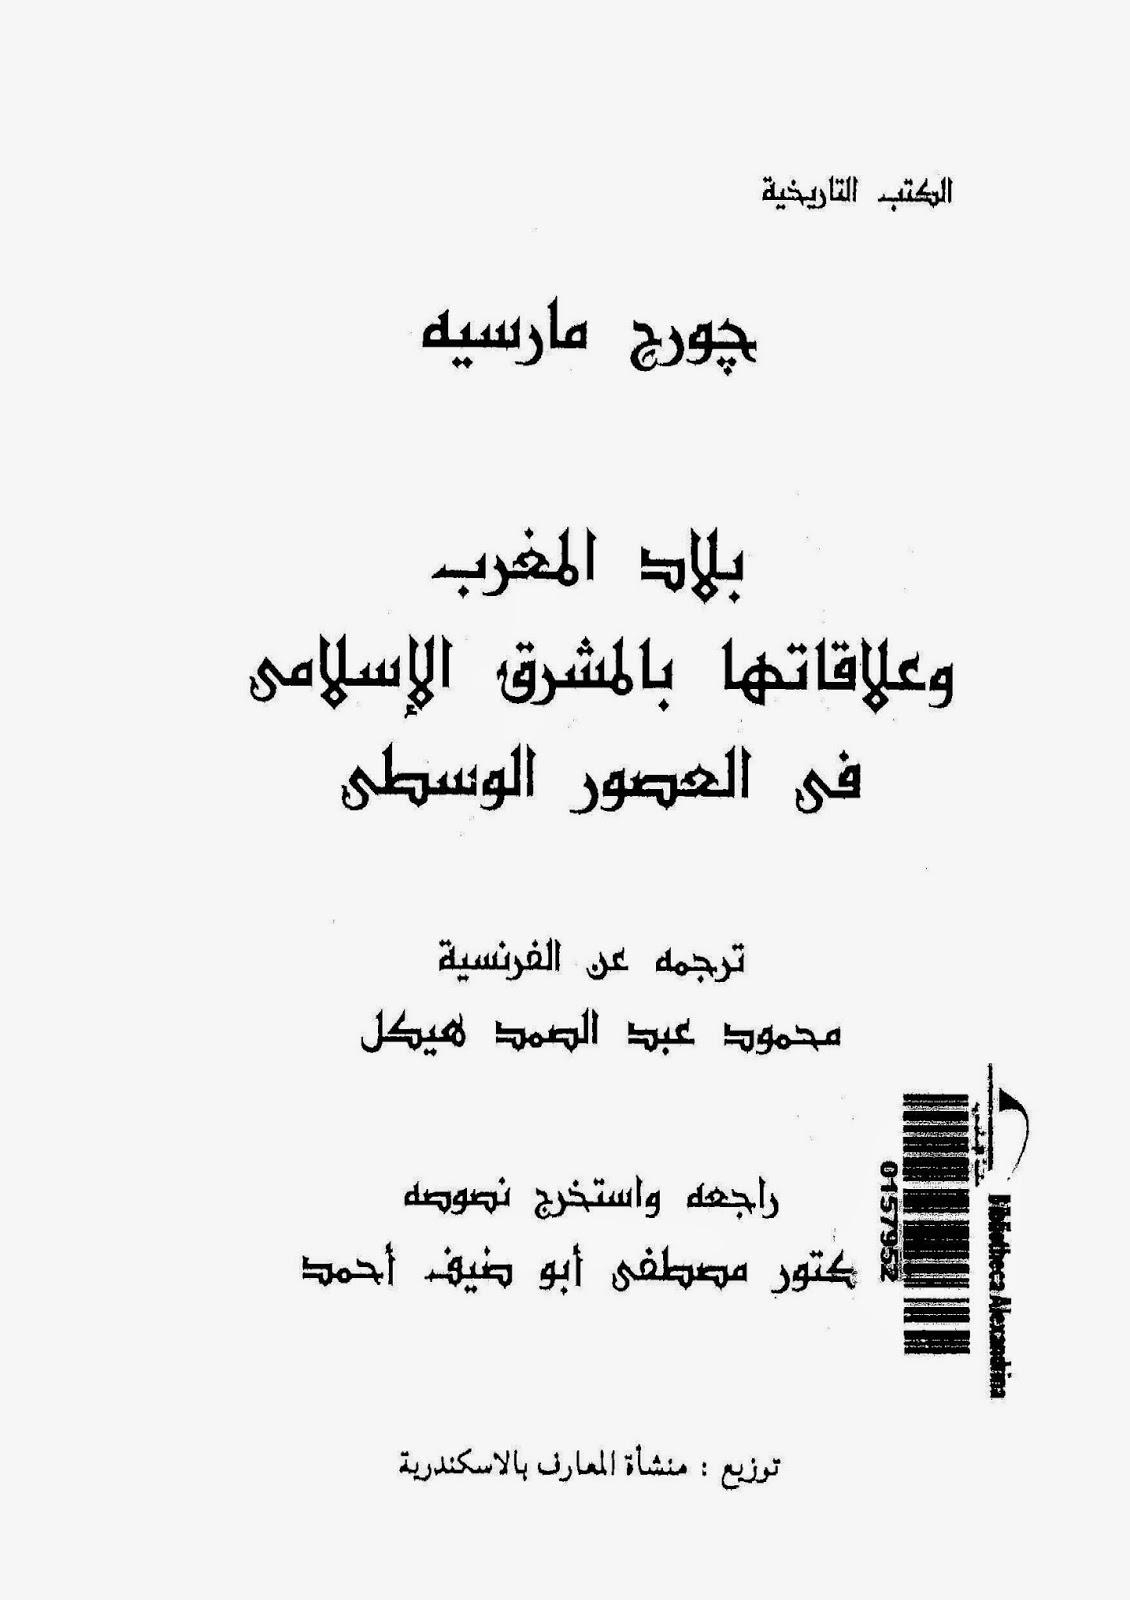 بلاد المغرب وعلاقتها بالمشرق الإسلامي في العصور الوسطى لـ جورج مارسيه